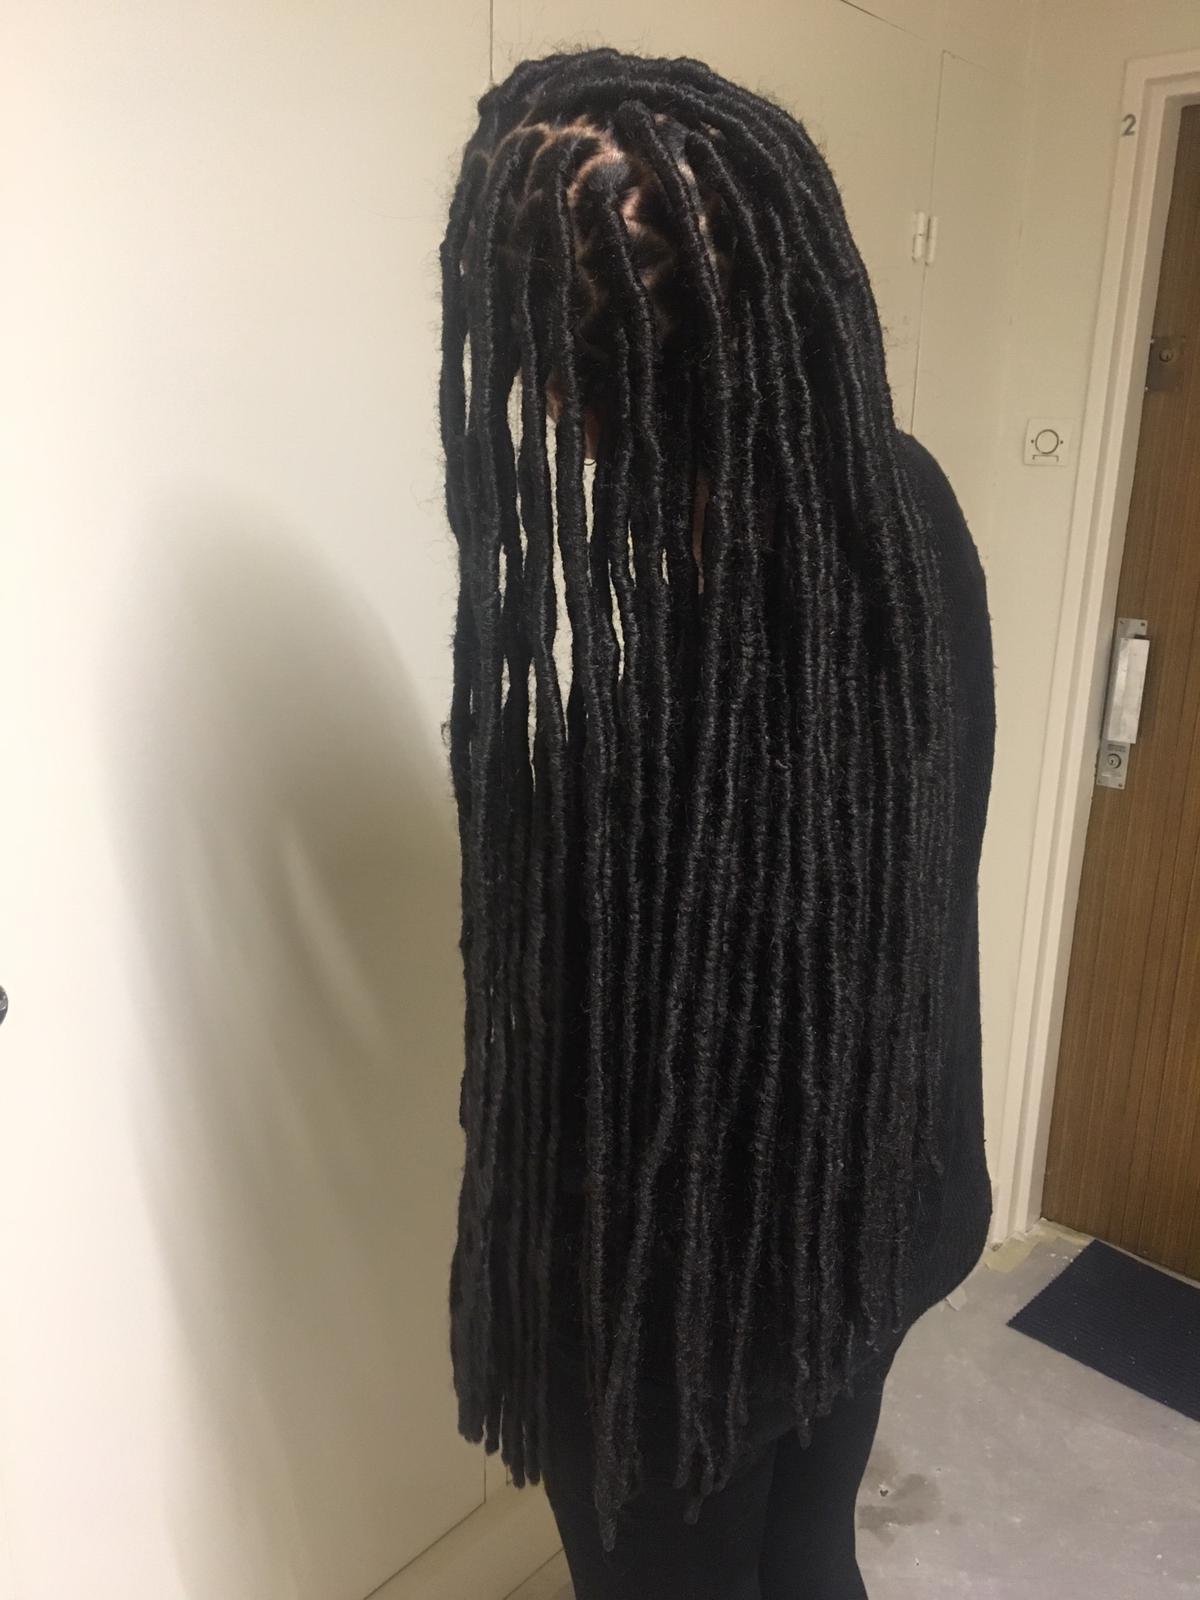 salon de coiffure afro tresse tresses box braids crochet braids vanilles tissages paris 75 77 78 91 92 93 94 95 YFLOMDIY